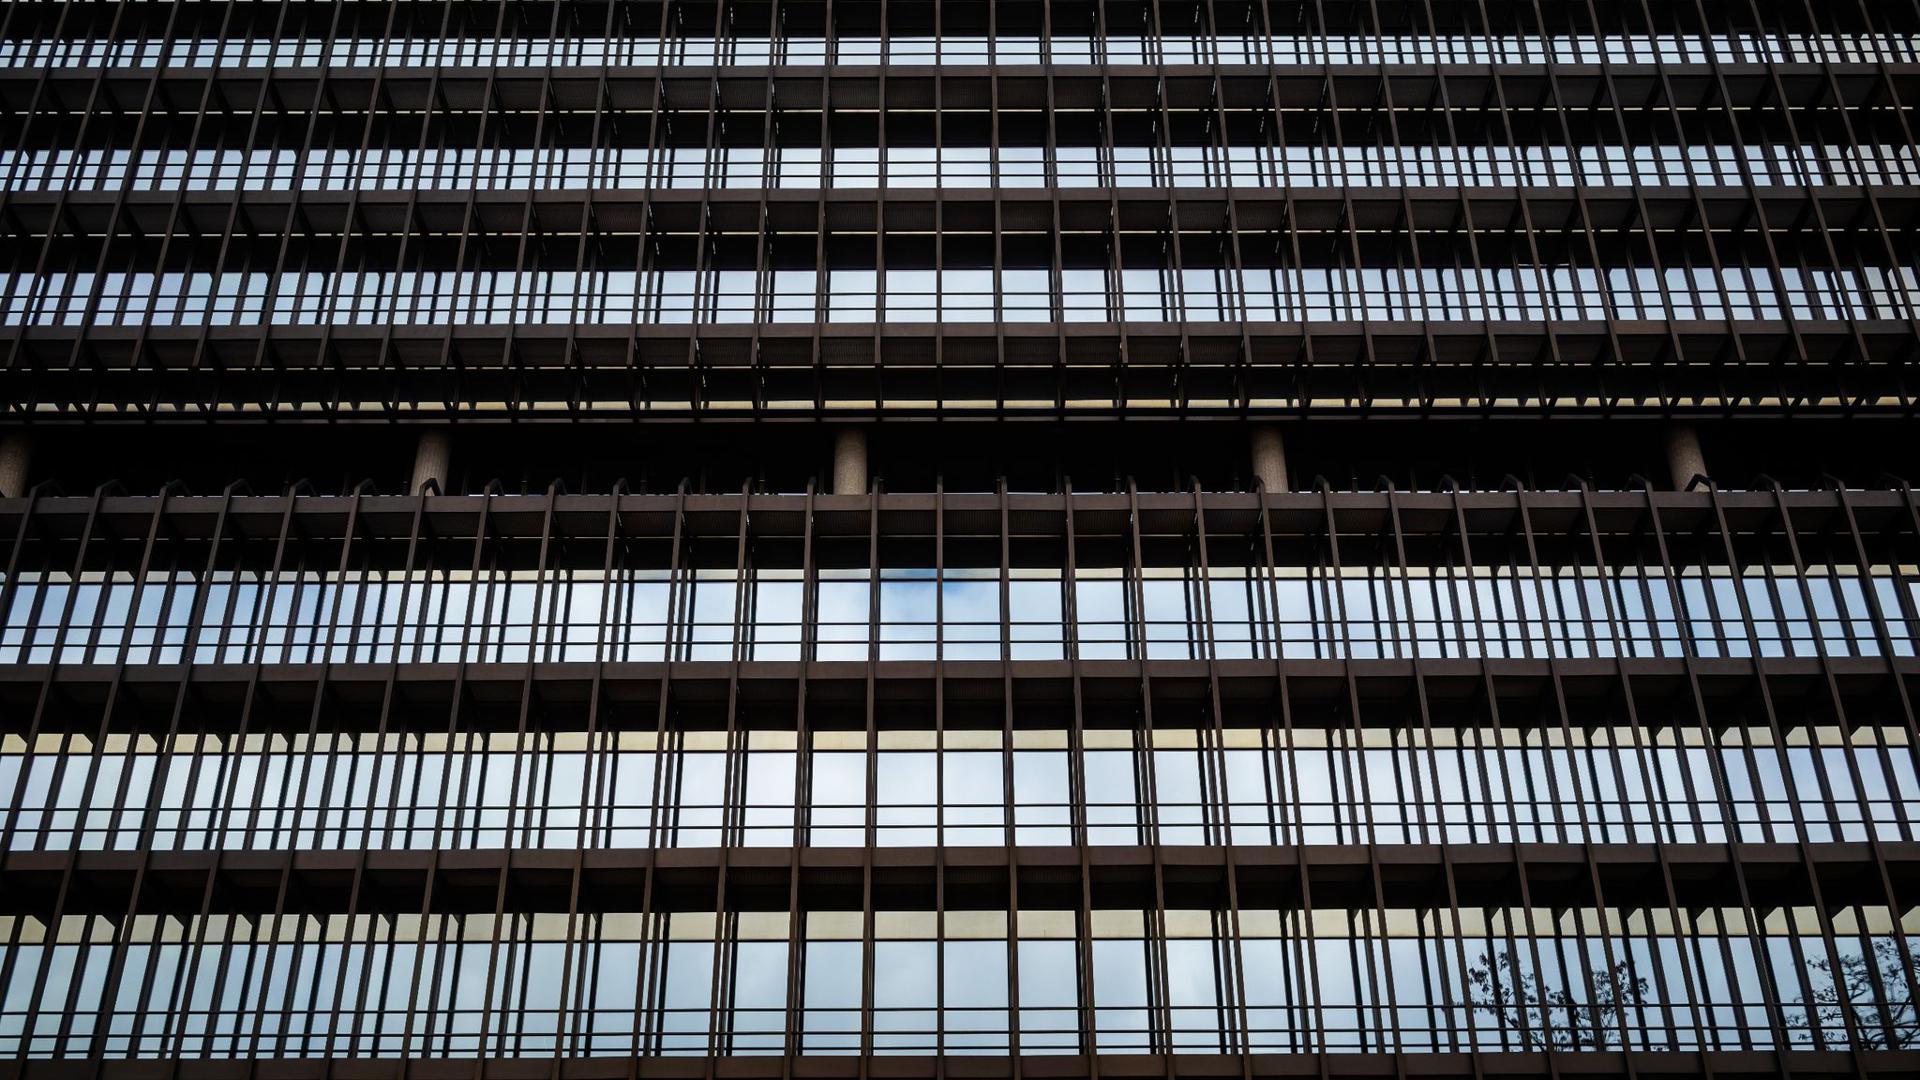 Der Himmel spiegelt sich auf der Fassade aus Glas und Stahl des Deutschen Patentamts in München.